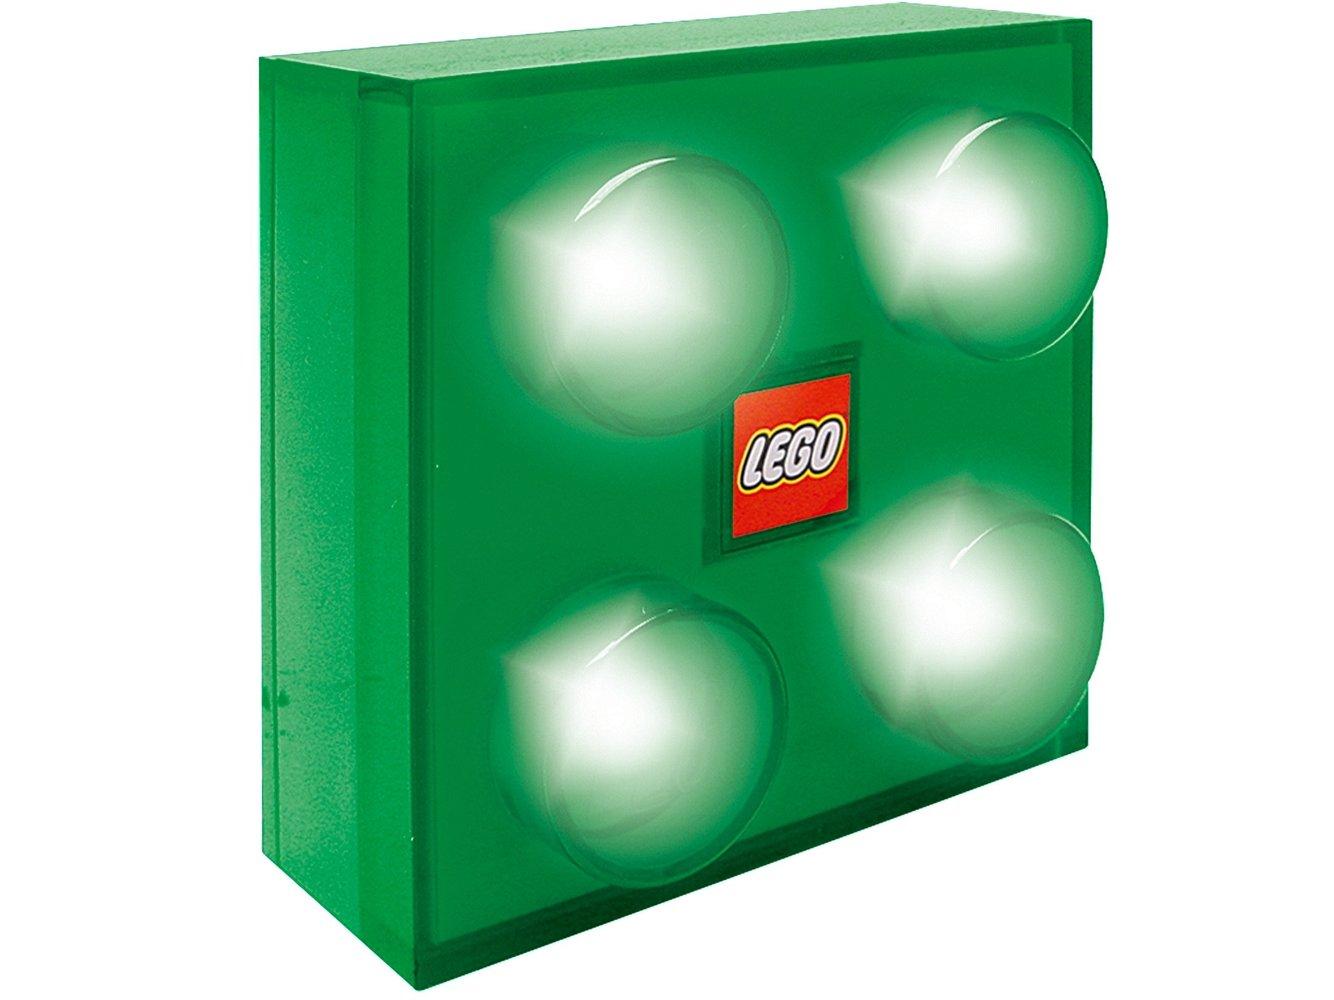 LED Brick Light